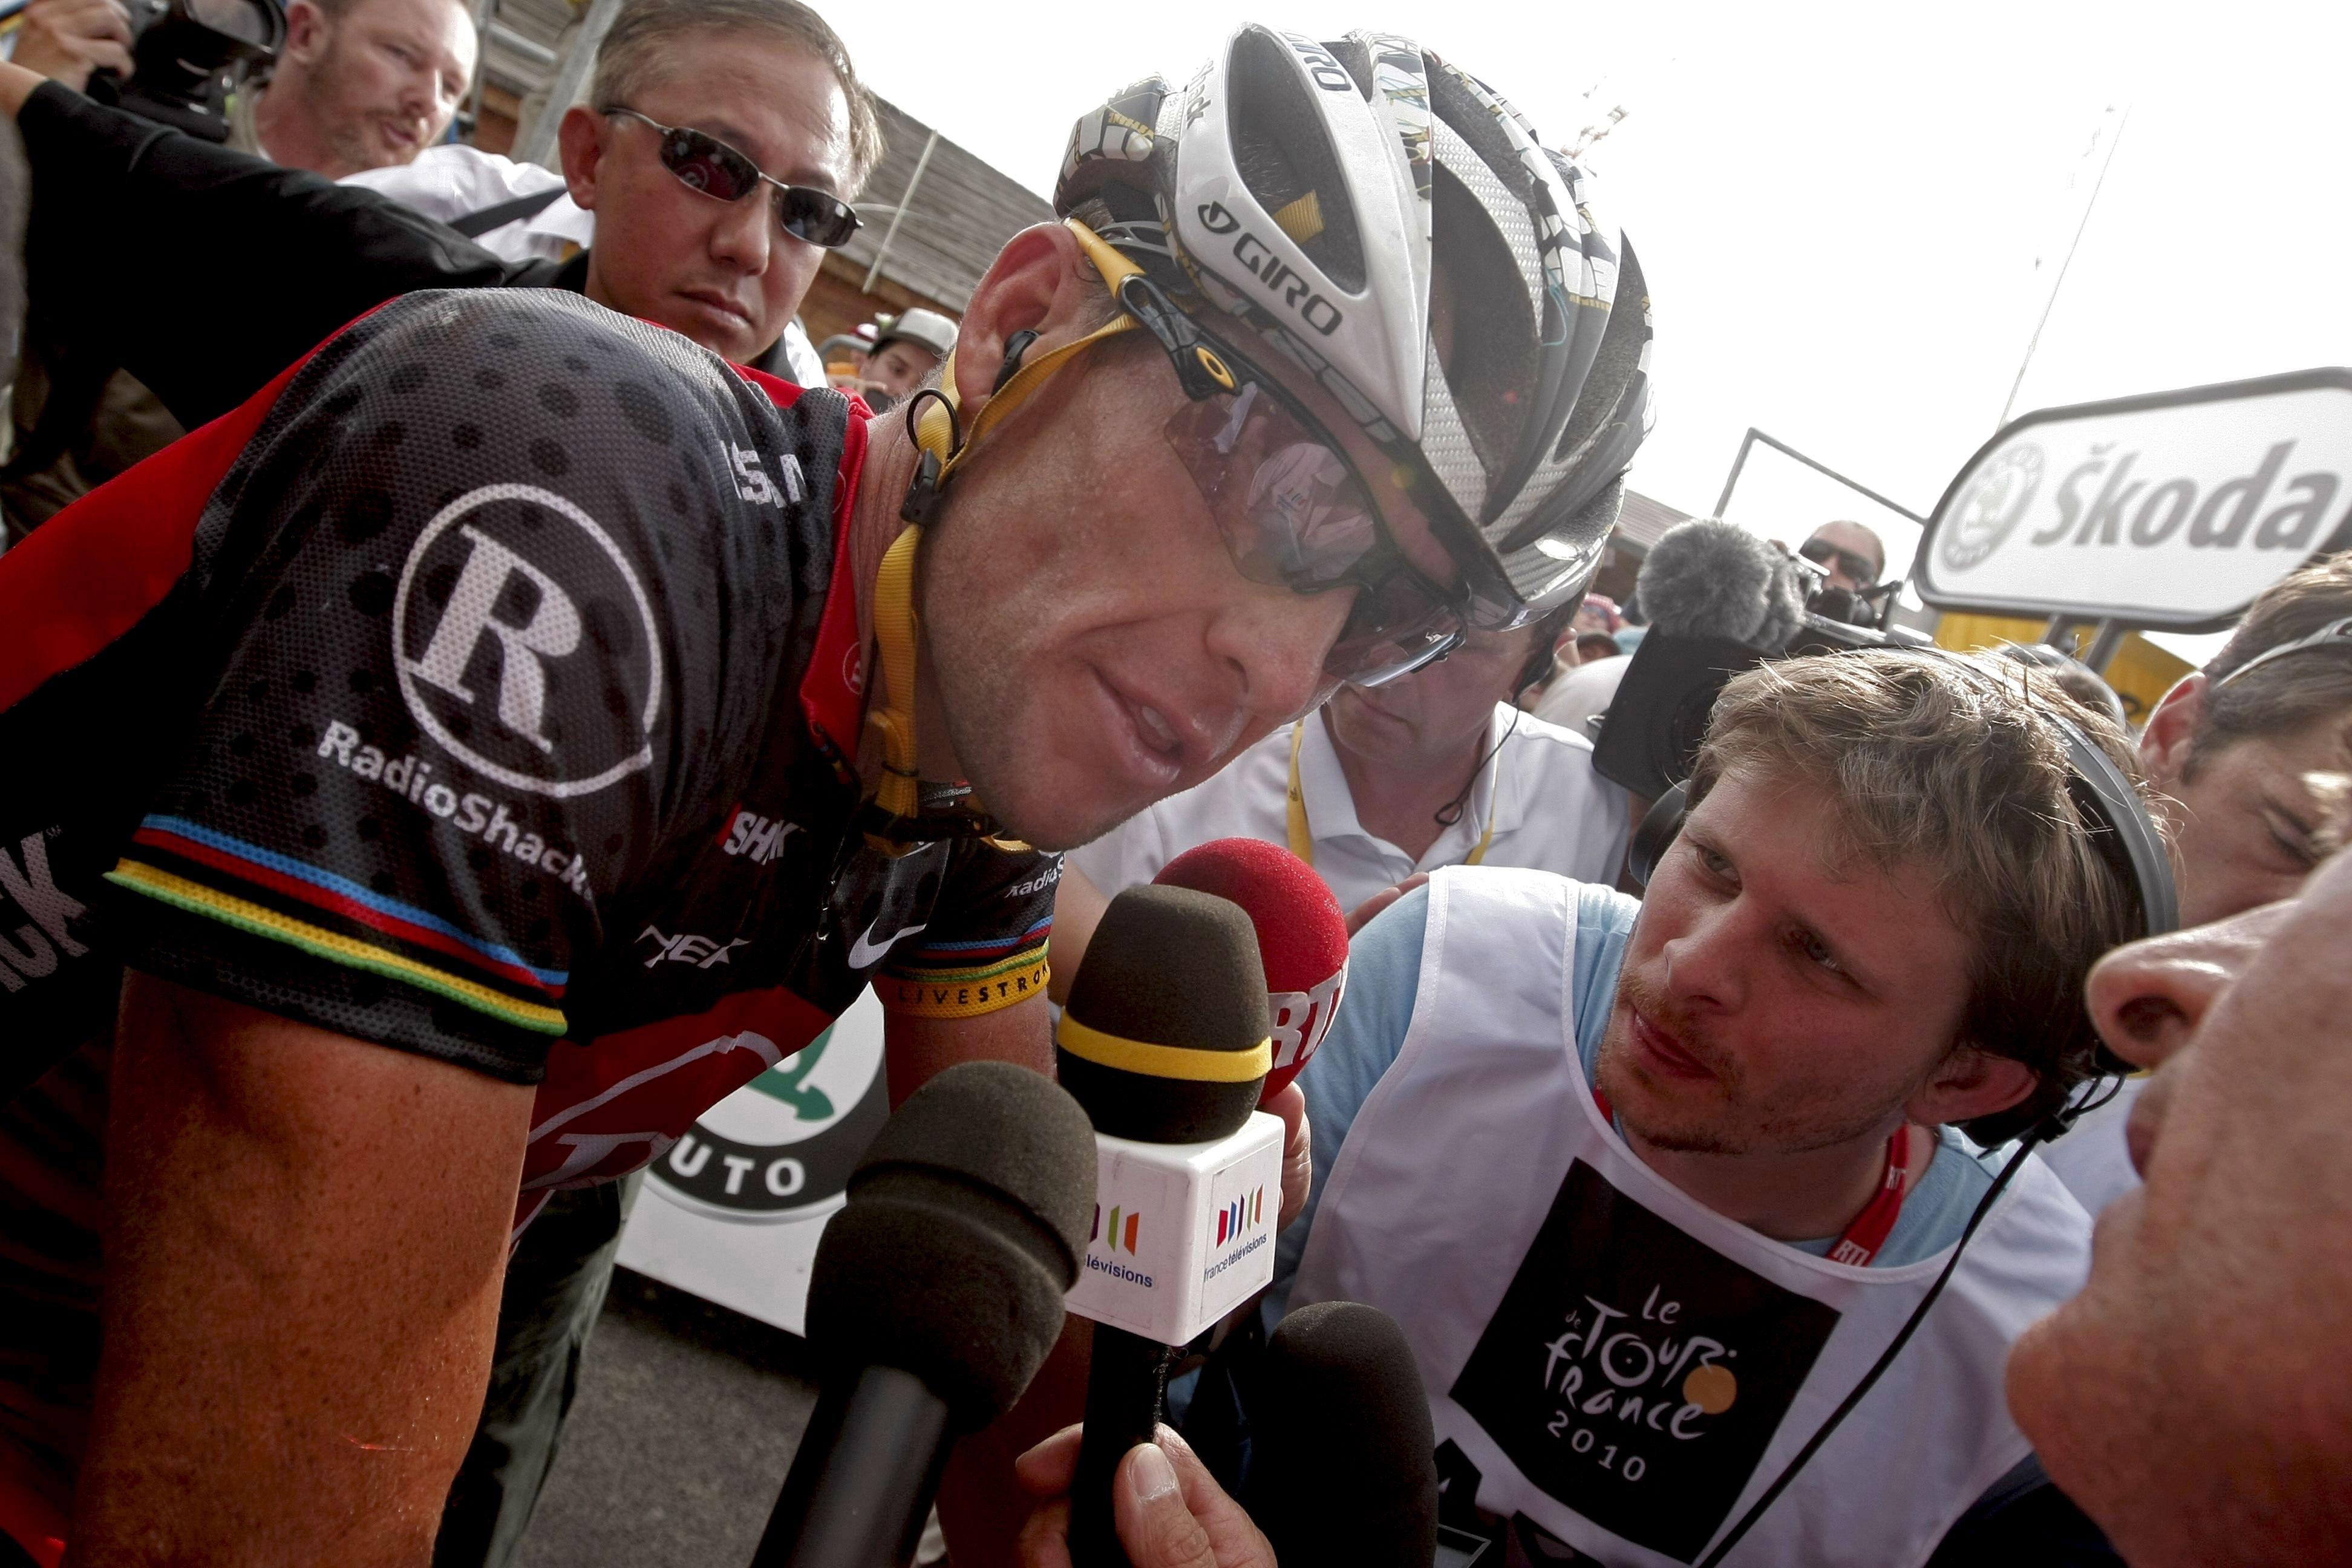 DEPORTE. Lance Armstrong, al término octava etapa del Tour de Francia en julio de 2010. | Foto: Efe/Javier Lizón.